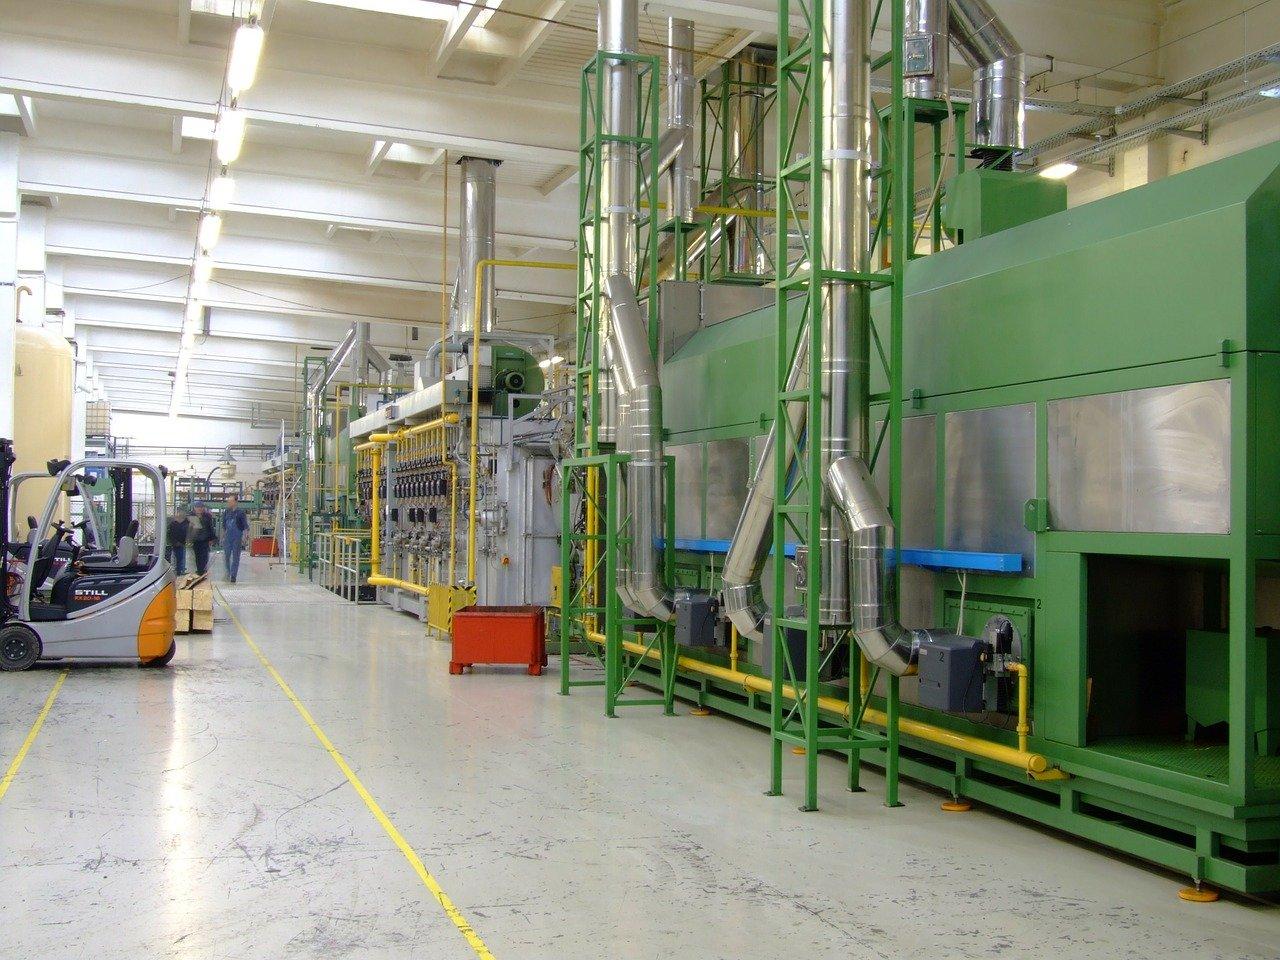 Produktionslinie in einer Fabrikhalle mit mehreren Komponenten.